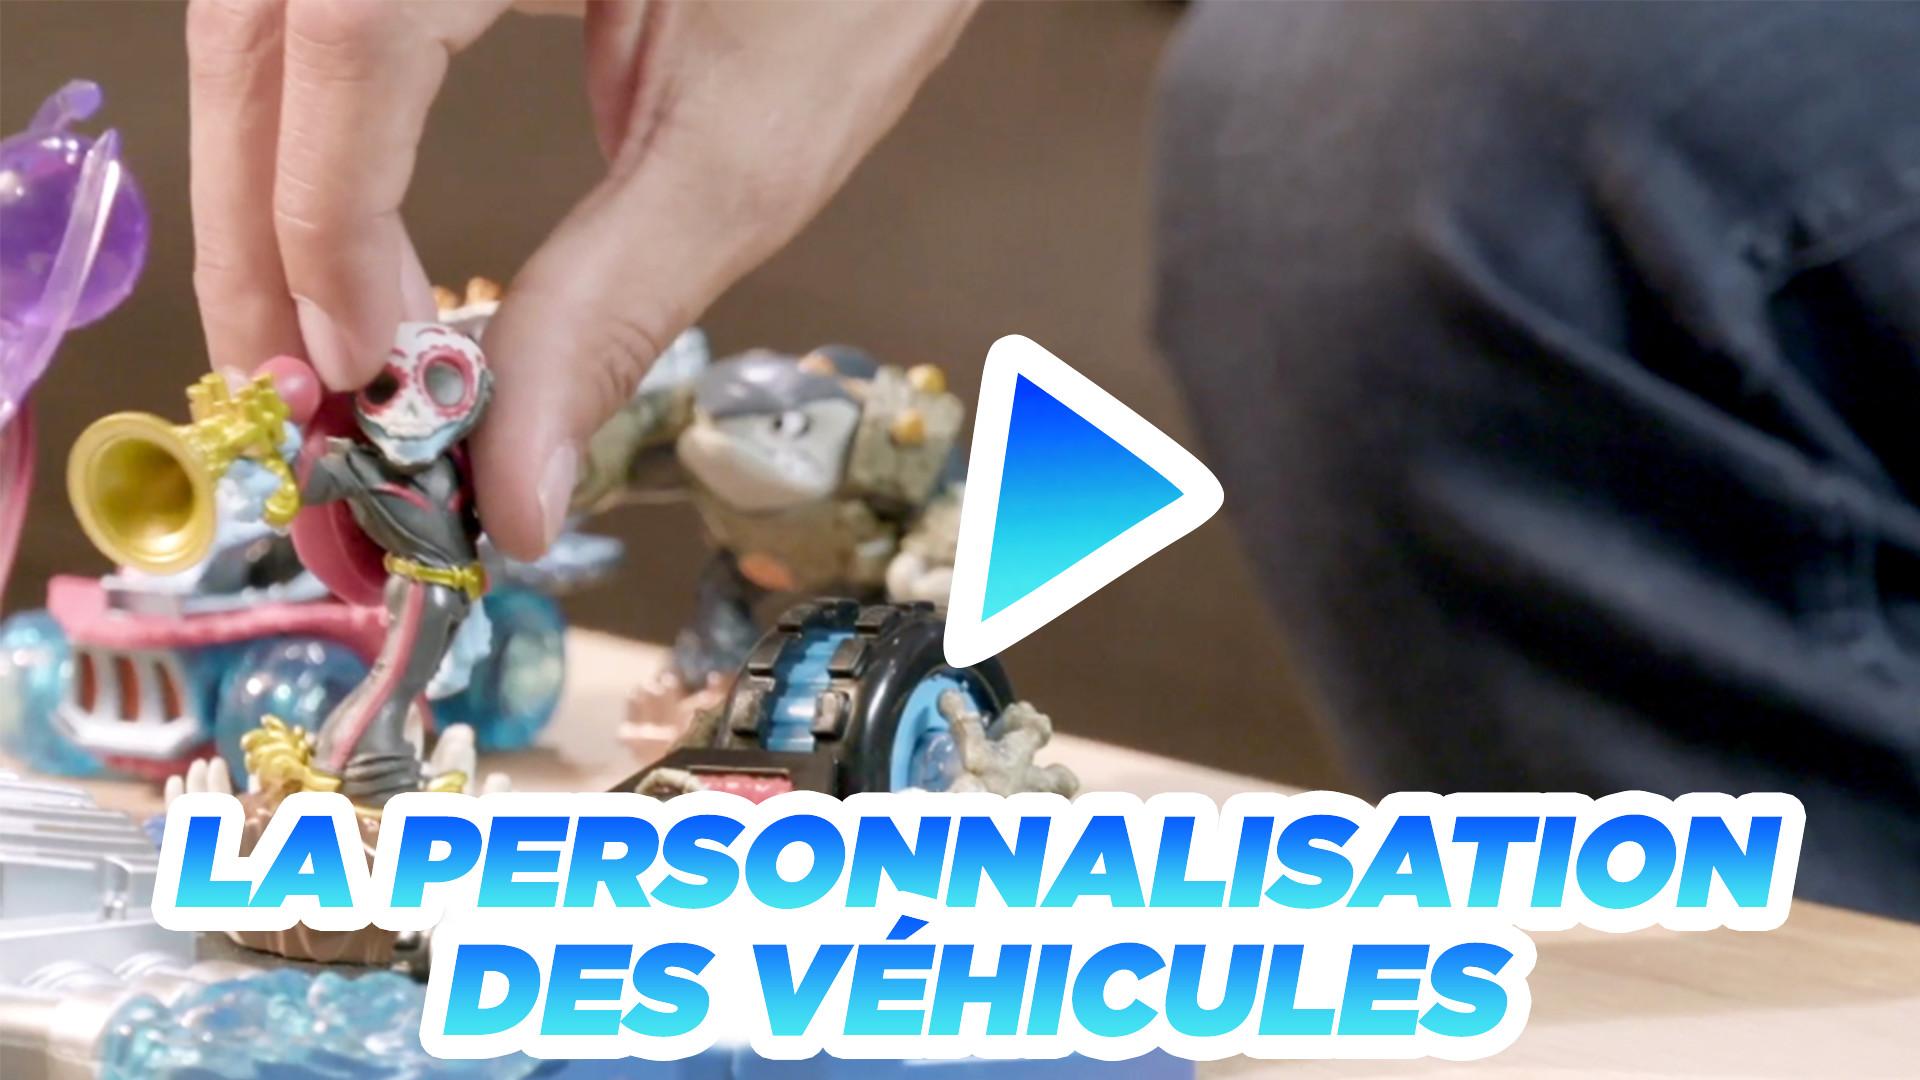 La personnalisation des véhicules